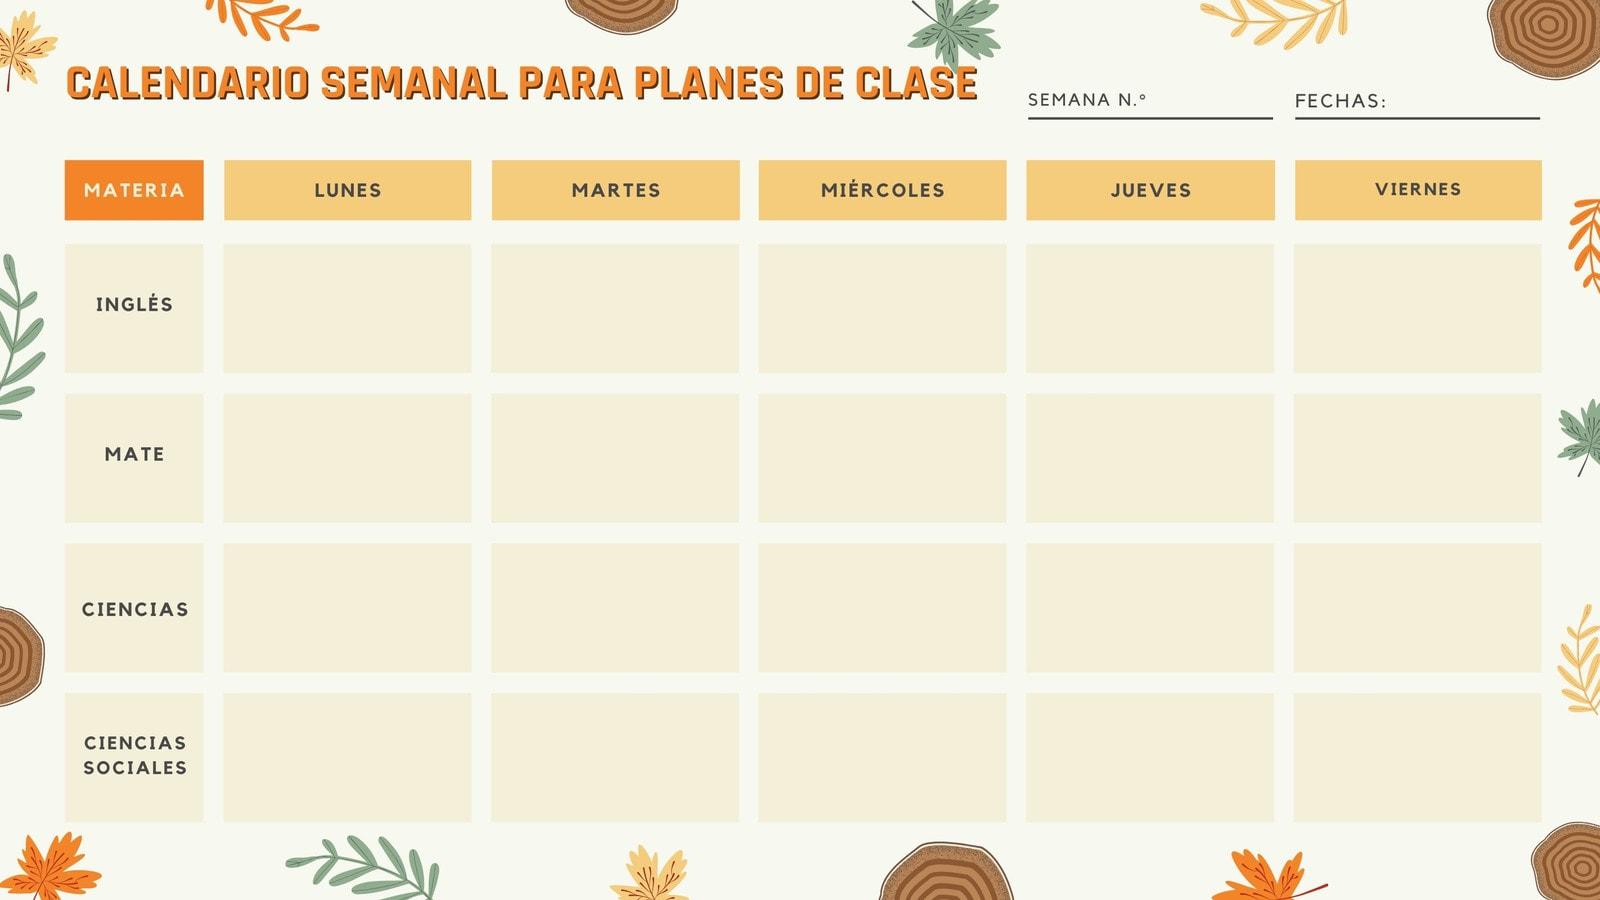 Acampar Calendario Semanal de Clases en Blanco